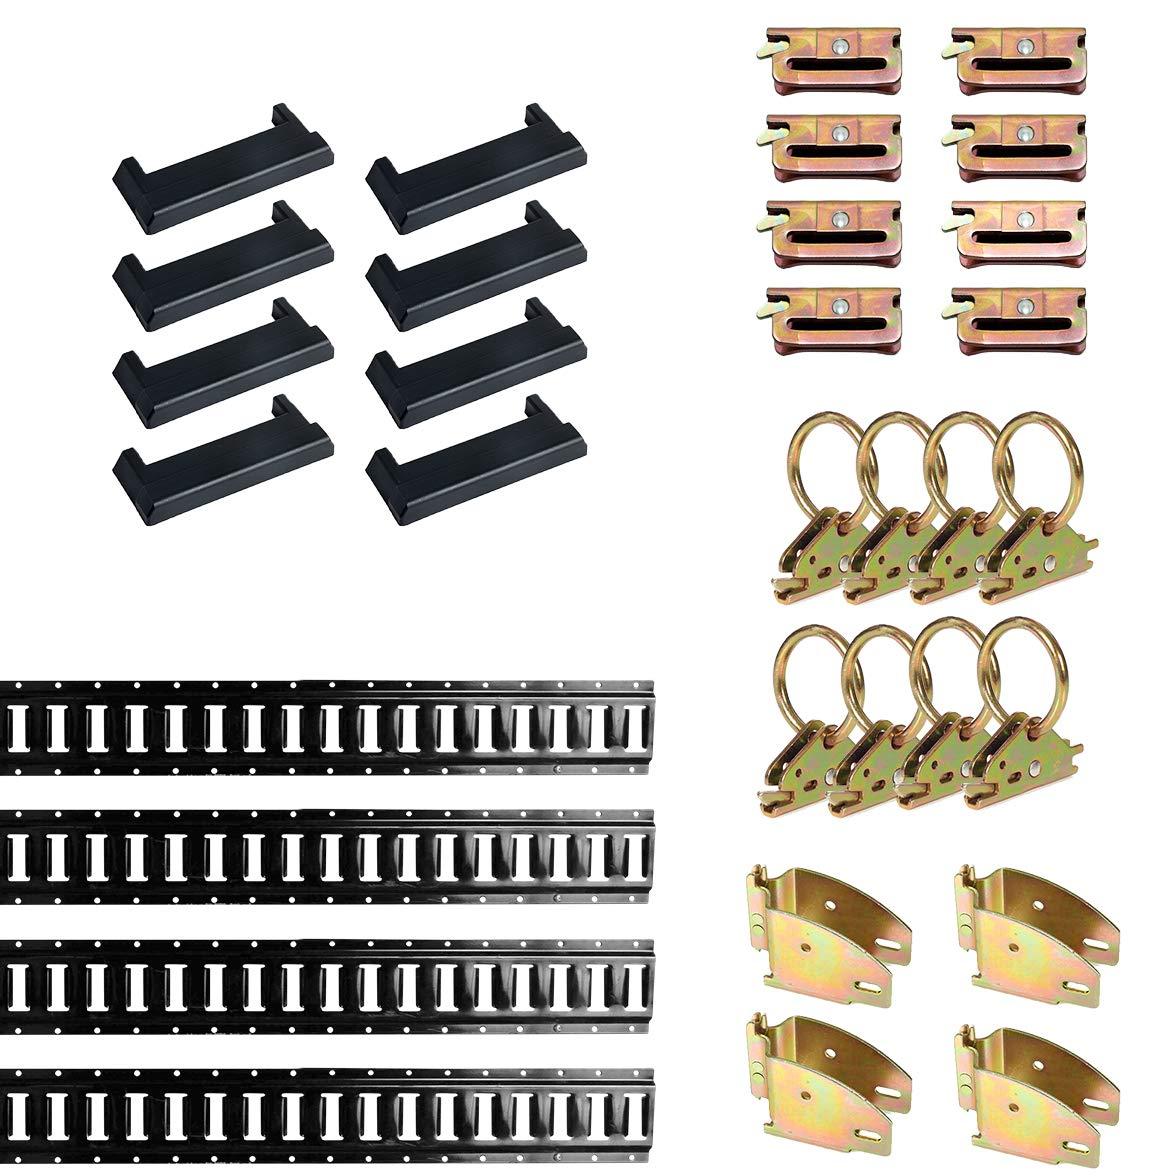 32 Pieces E-Track Accessories /& E-Track... DC Cargo Mall E Track Tie-Down Kit